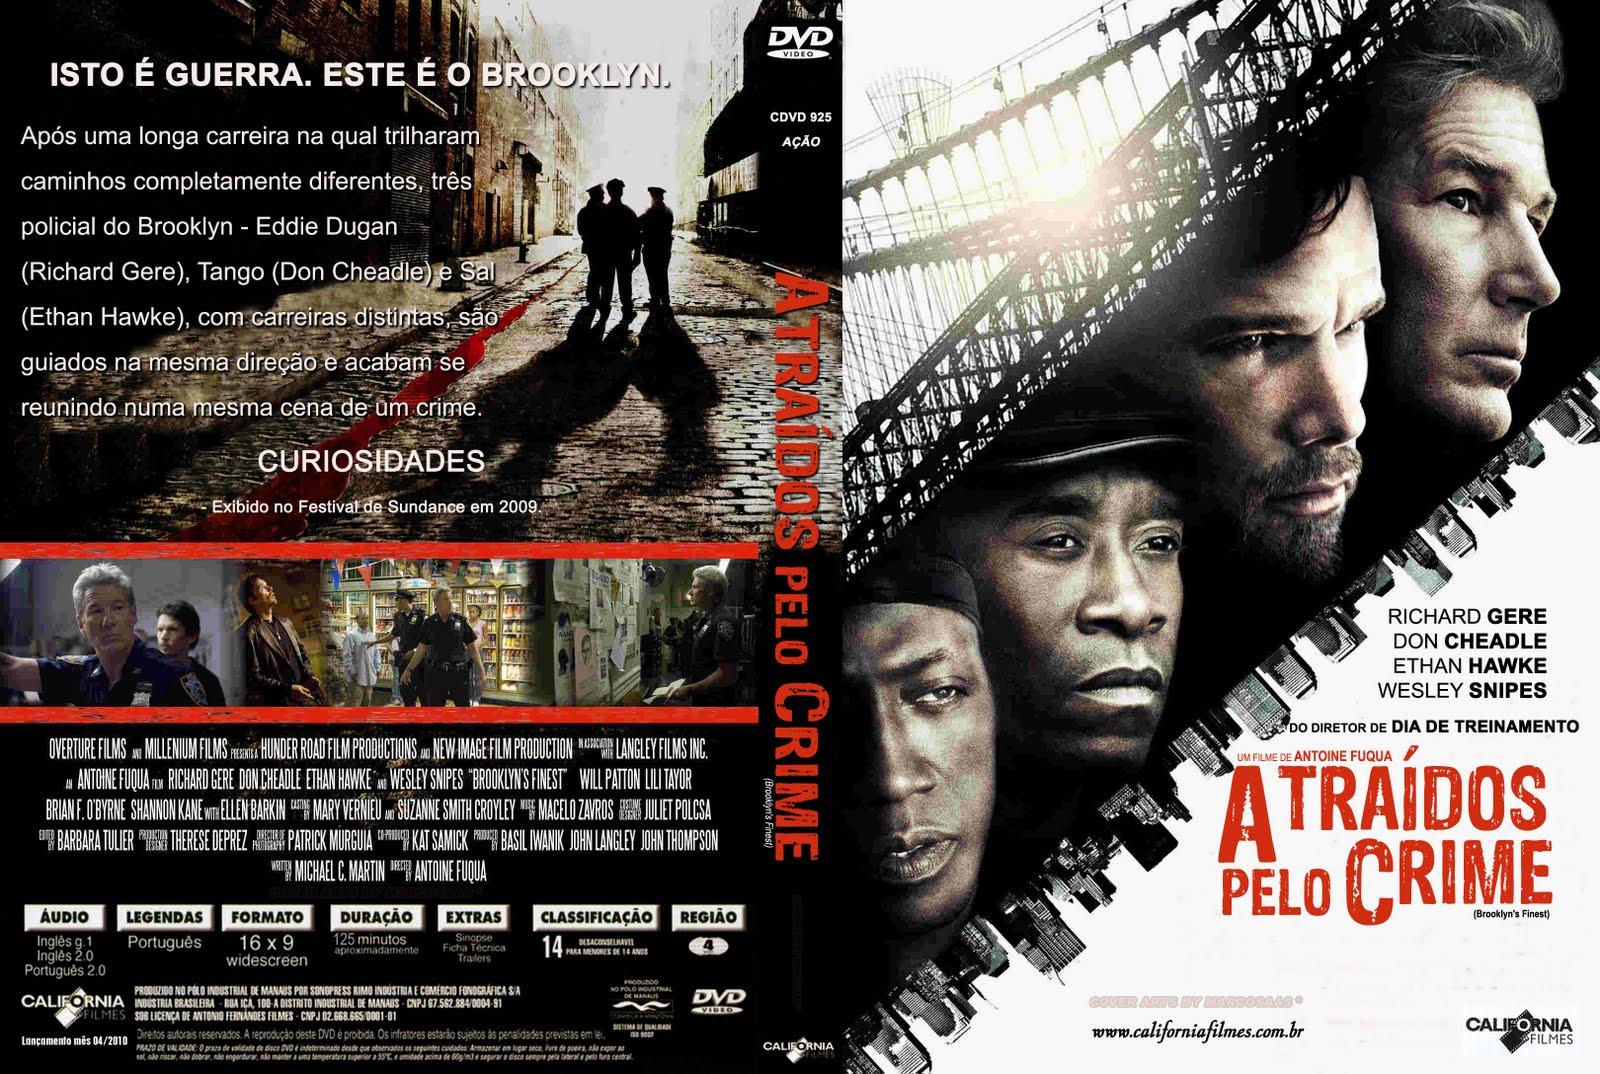 Imagens Atraídos Pelo Crime Torrent Dublado 1080p 720p BluRay Download